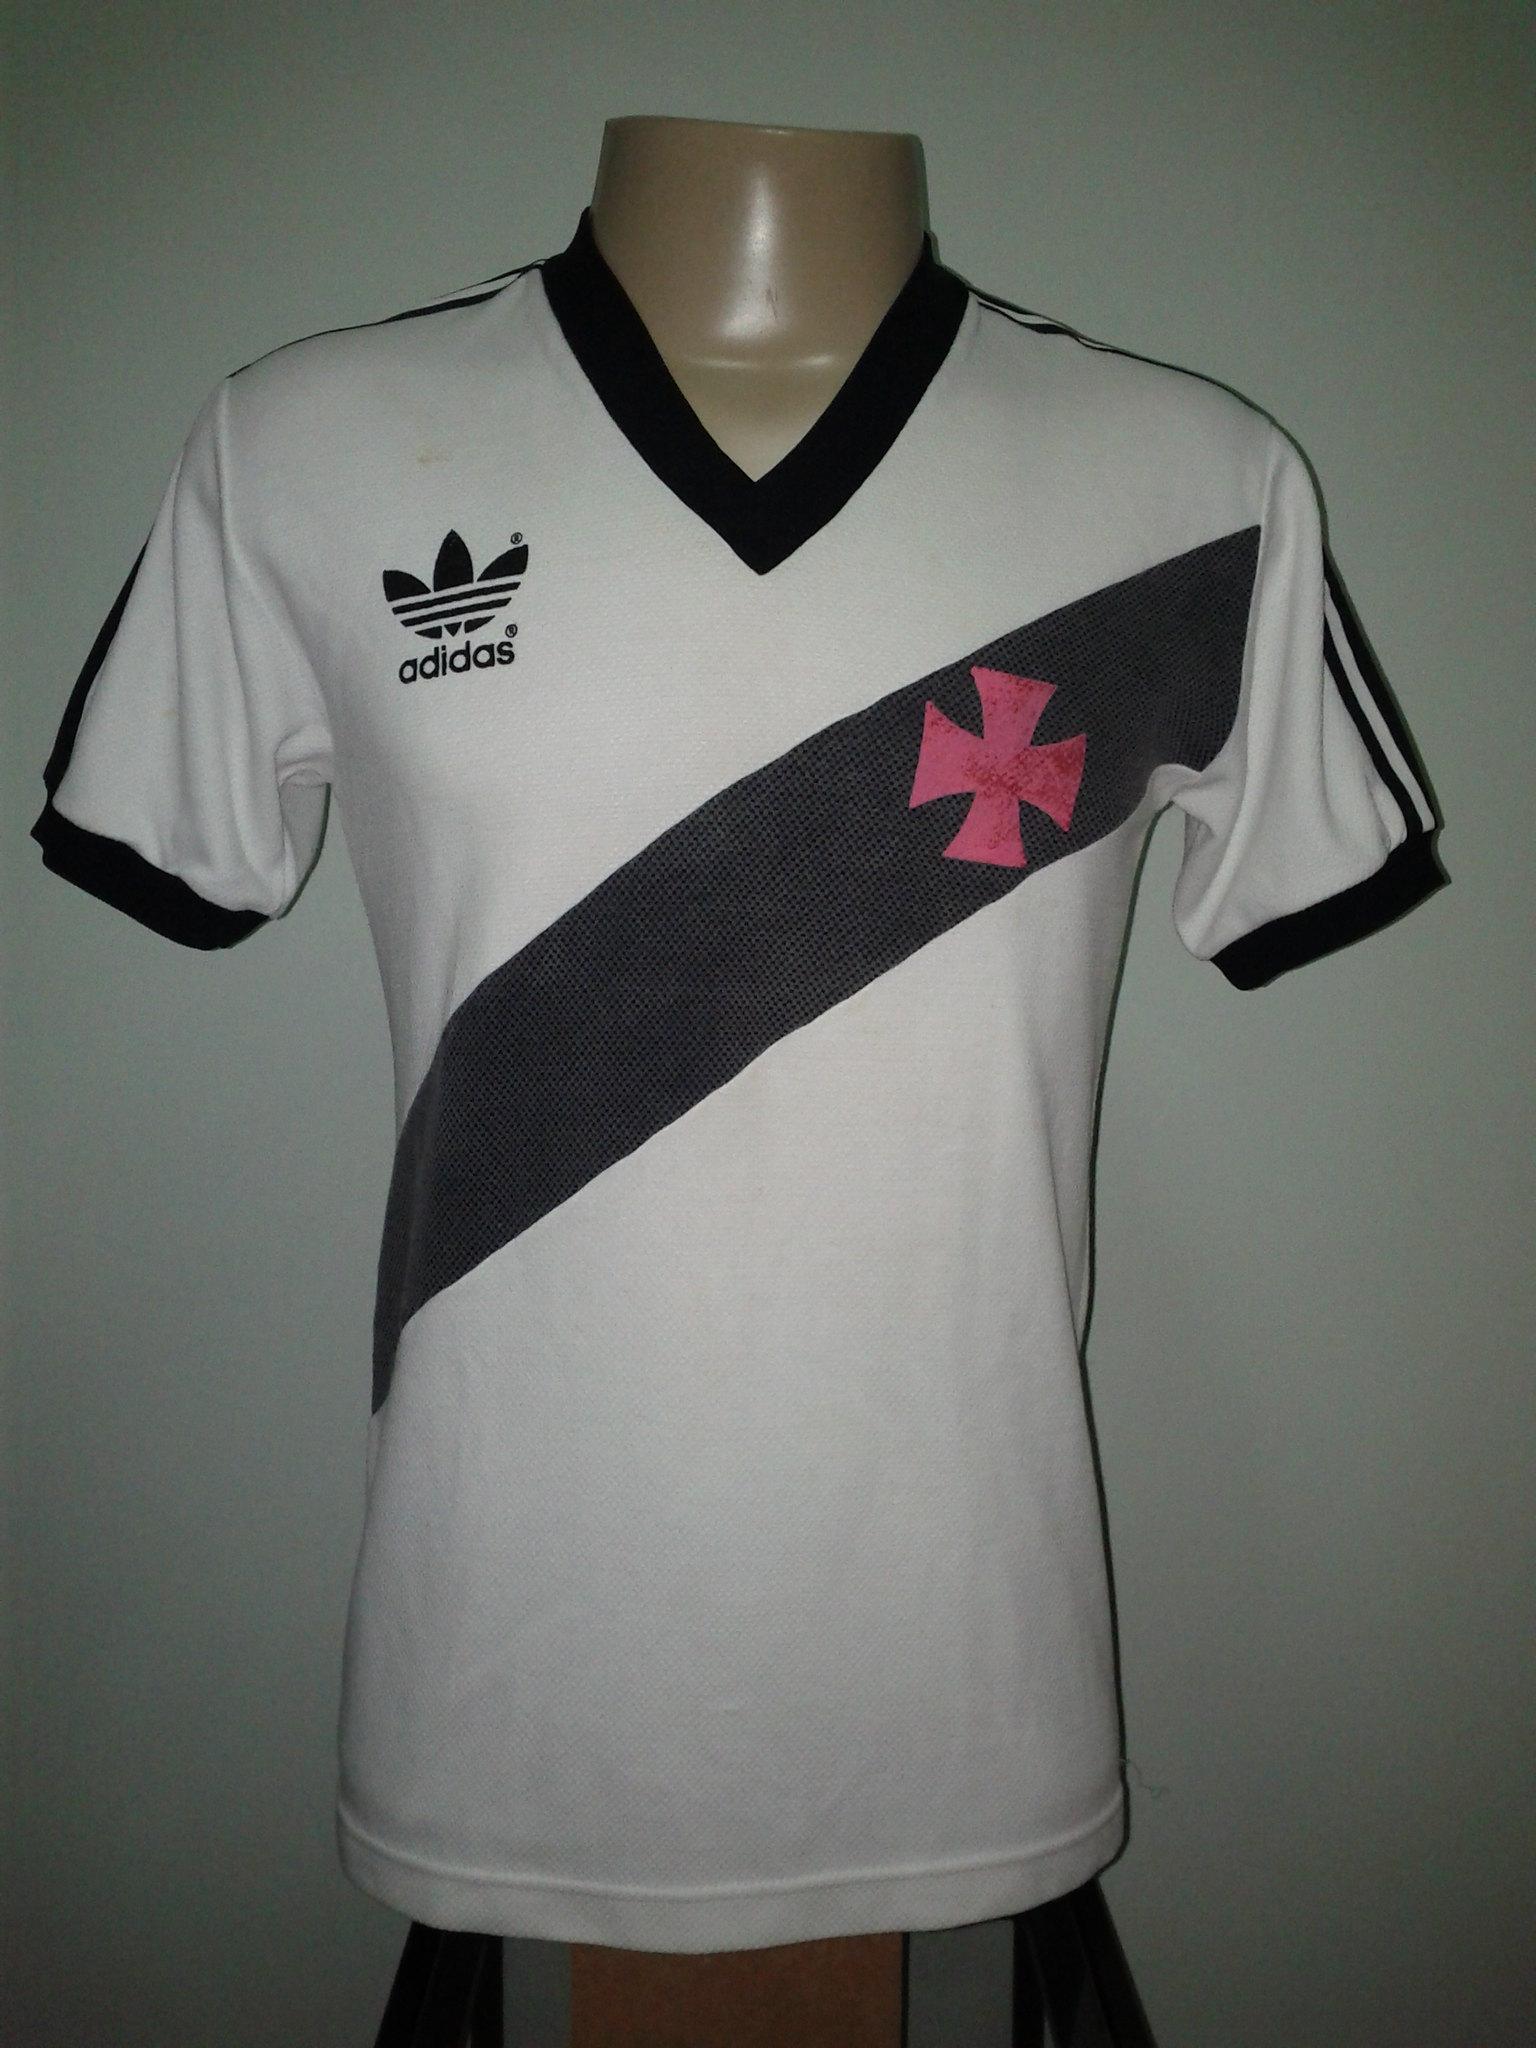 afda6296ba3 1986 Adidas (3B-RIO)